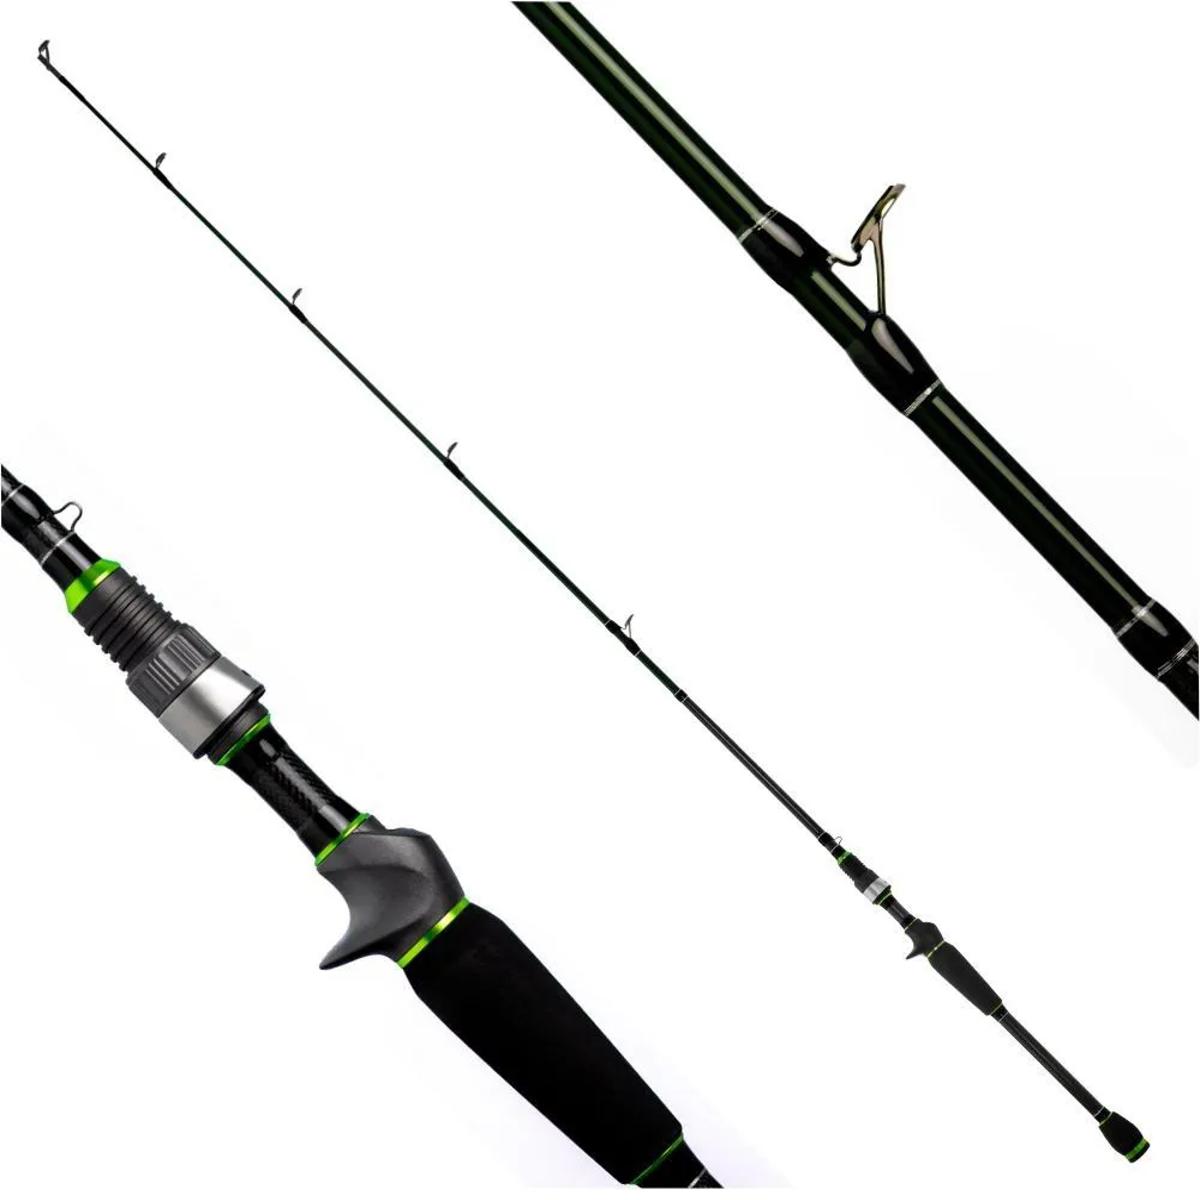 Vara Lumis Spirior Xt 561 (1,68m) 8-20lb Carretilha Inteiriça  - Pesca Adventure